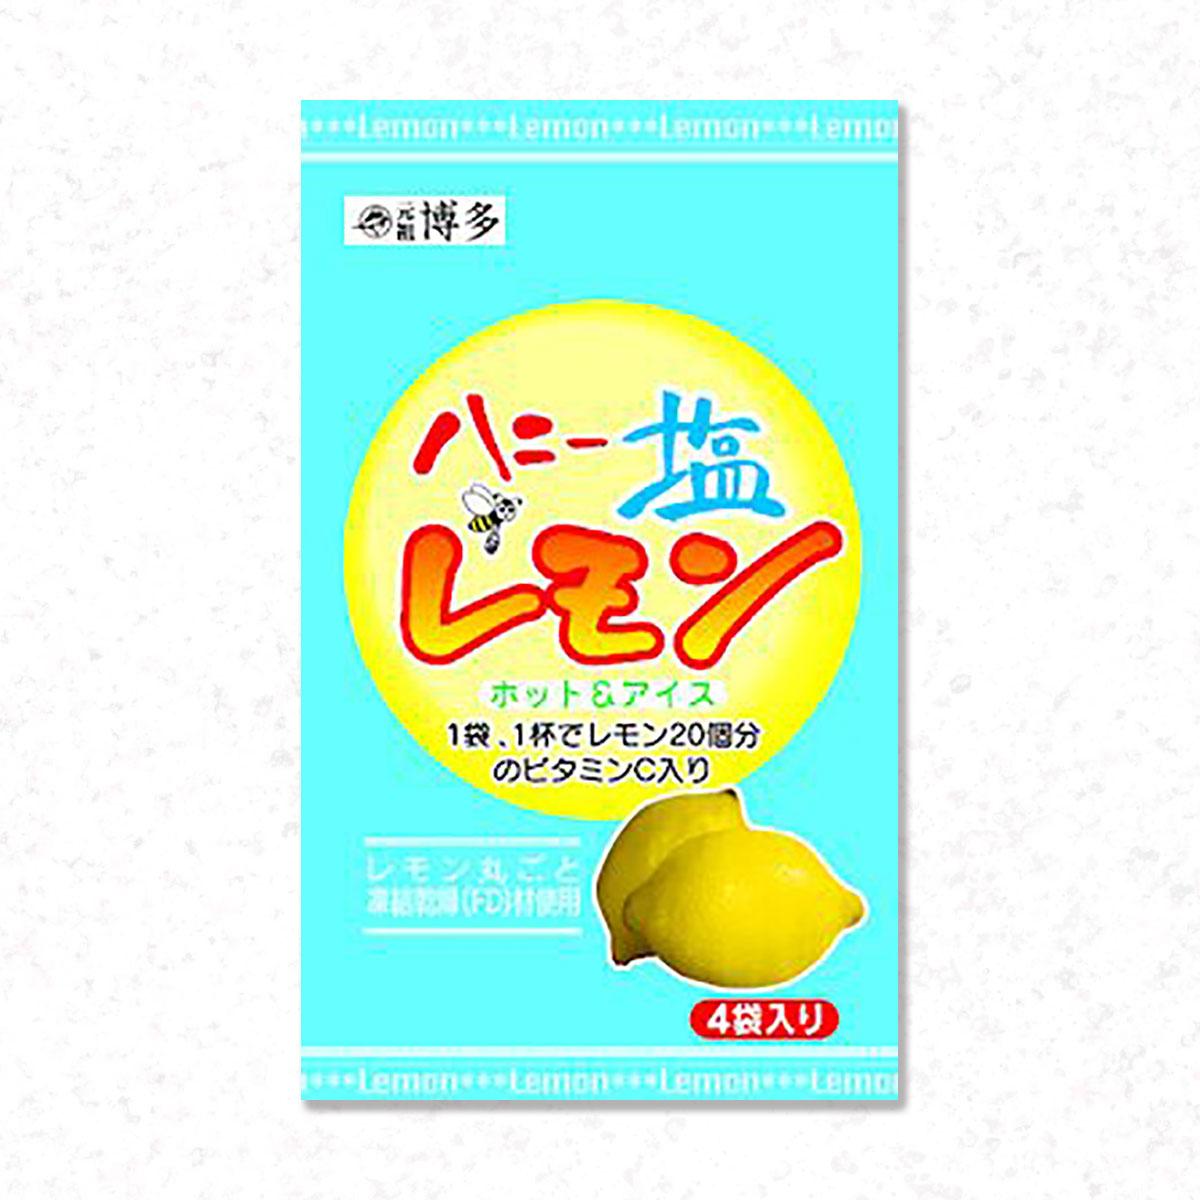 ハニー塩レモン